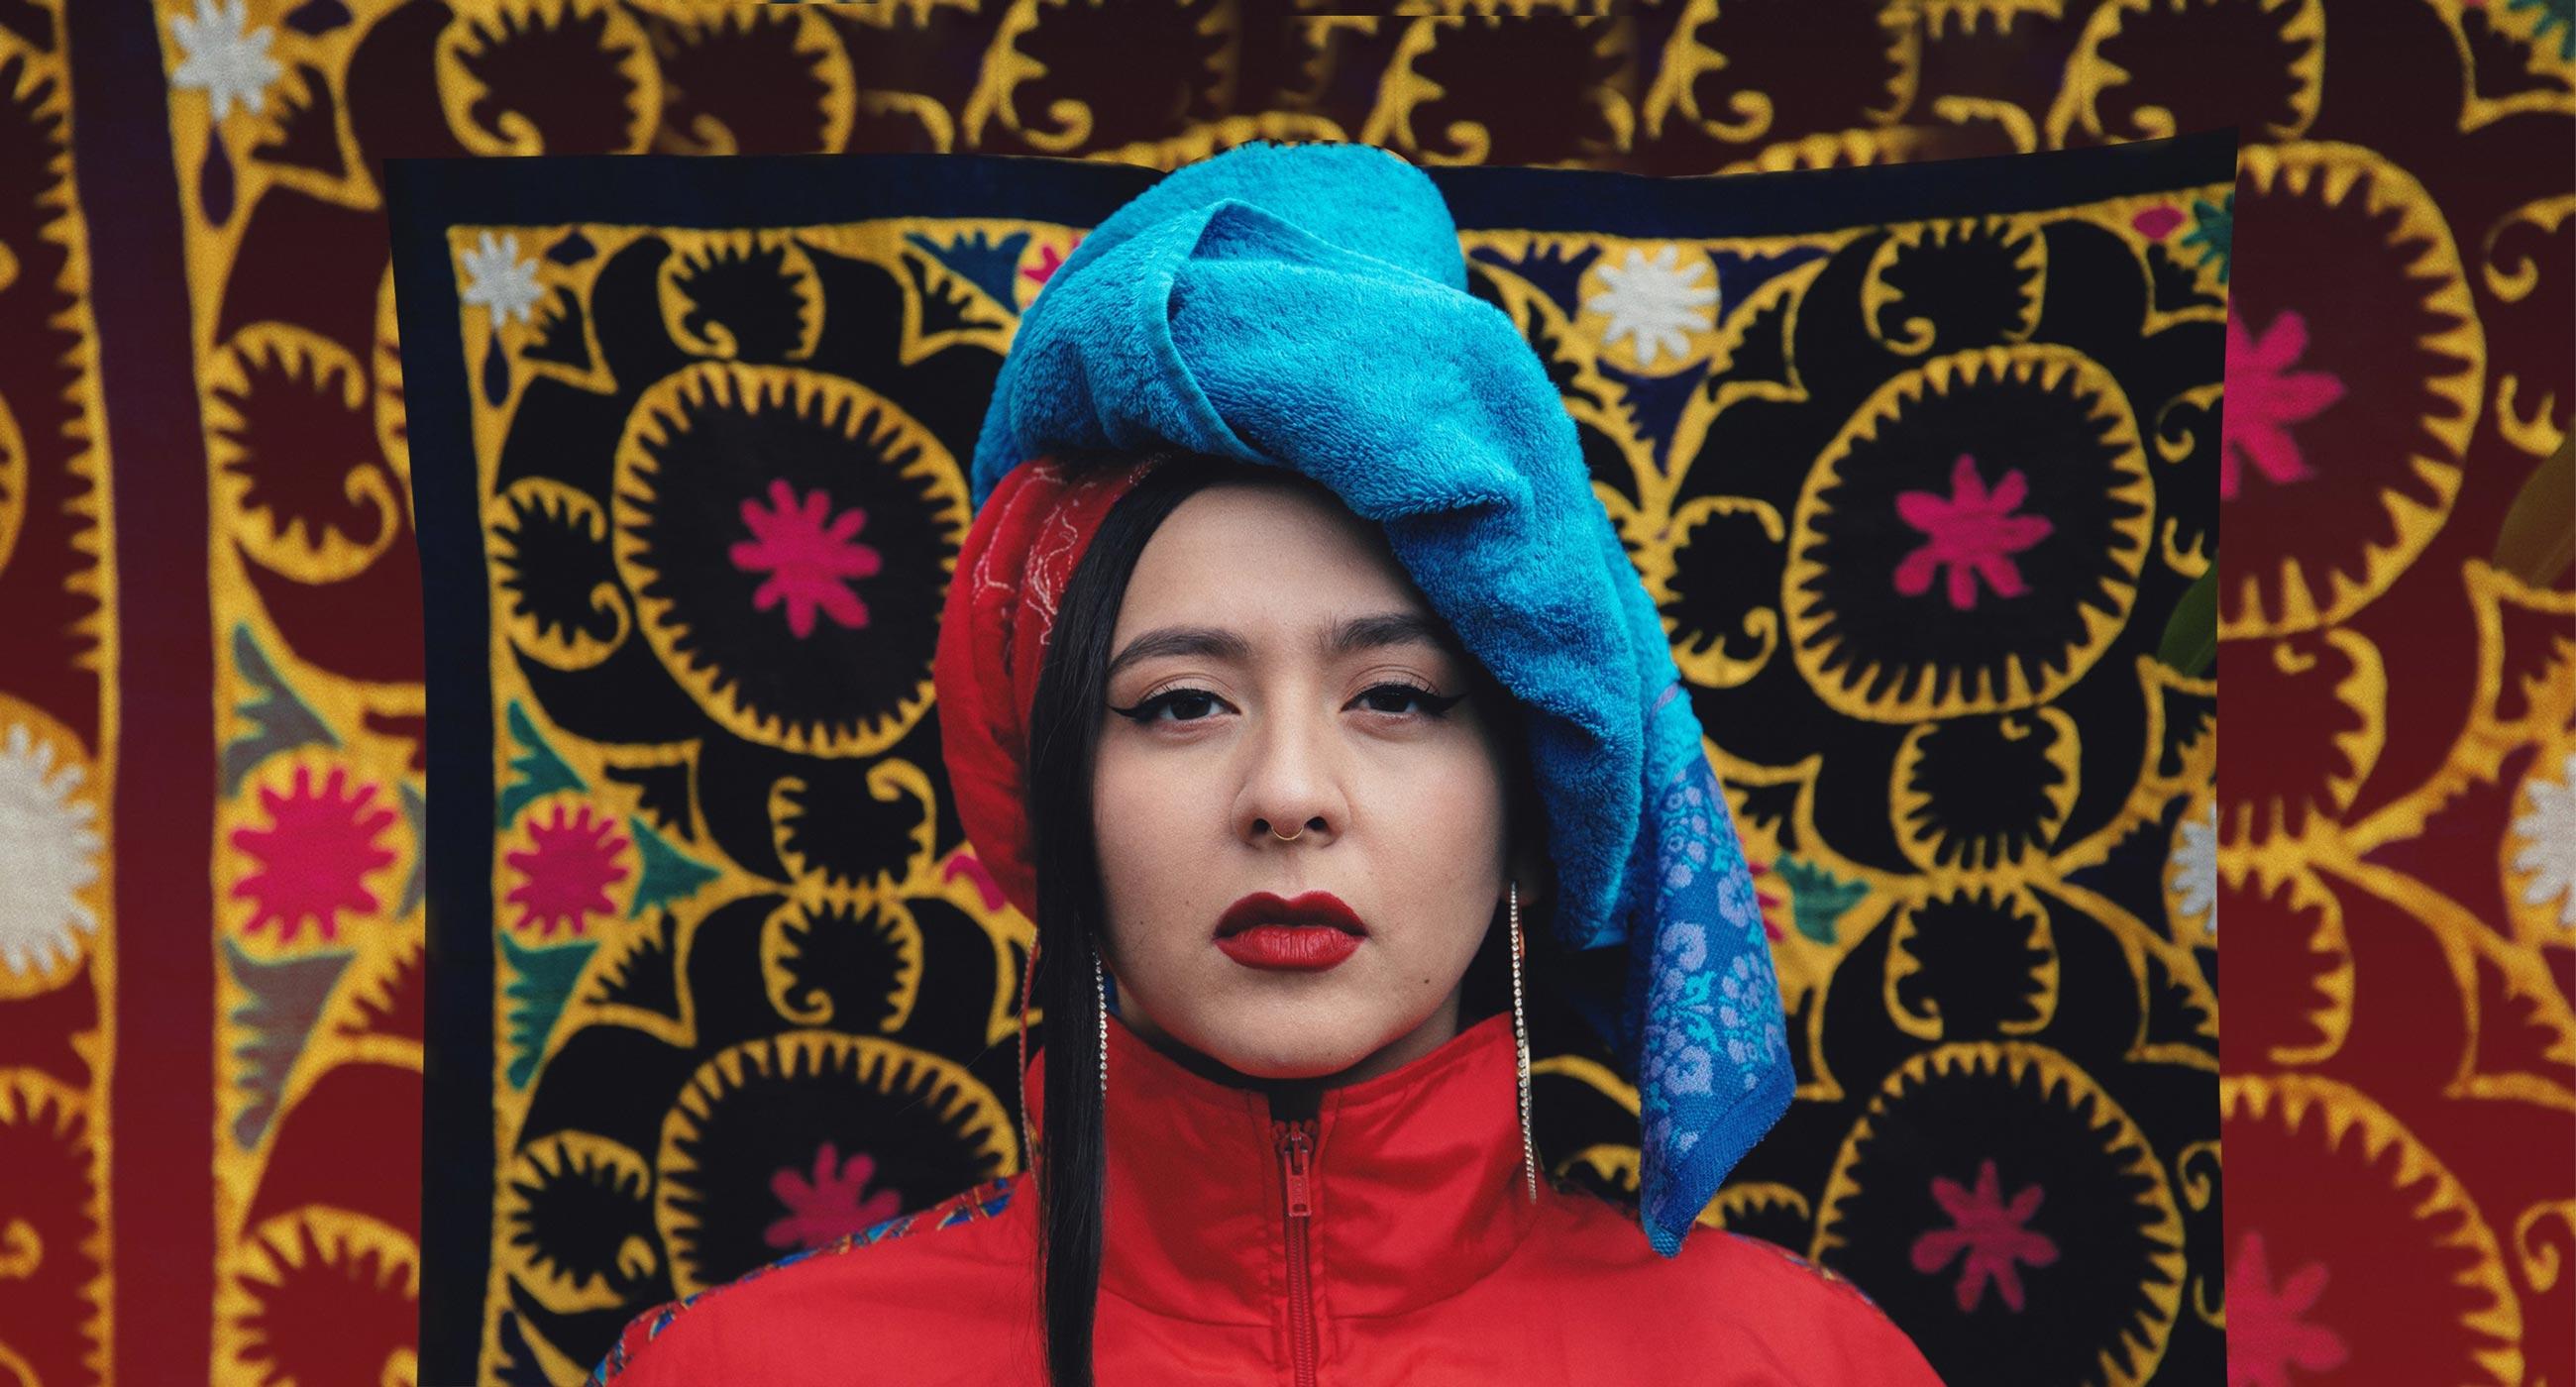 На Євробачення від Росії їде співачка родом із Таджикистану з феміністським хітом. Російські ксенофоби й сексисти обурені